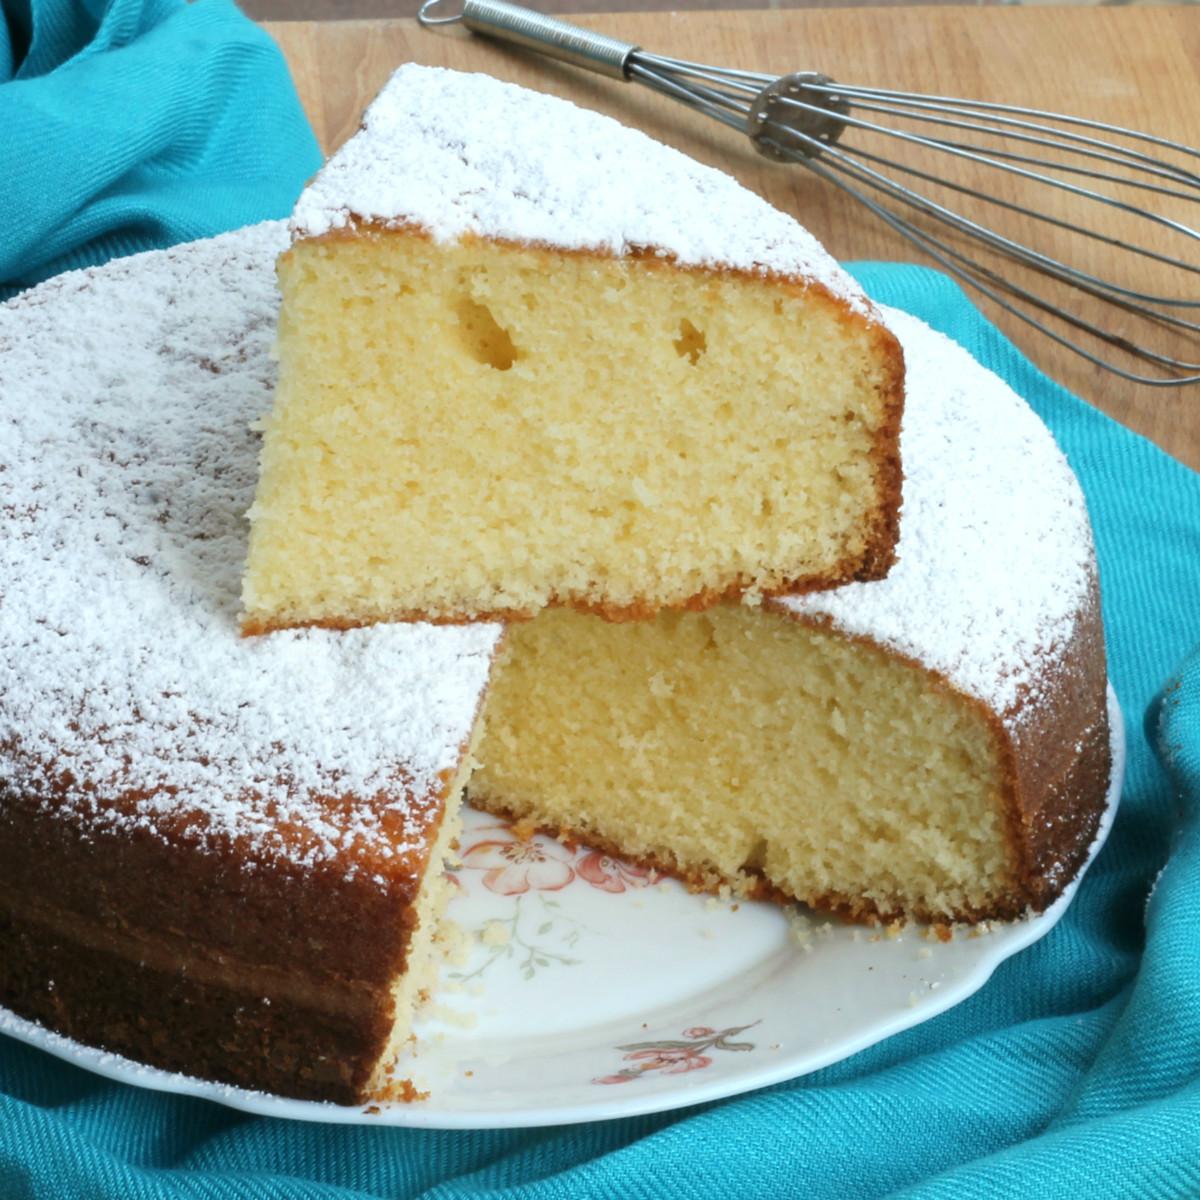 TORTA 7 VASETTI ricetta torta allo yogurt senza bilancia dolci senza burro